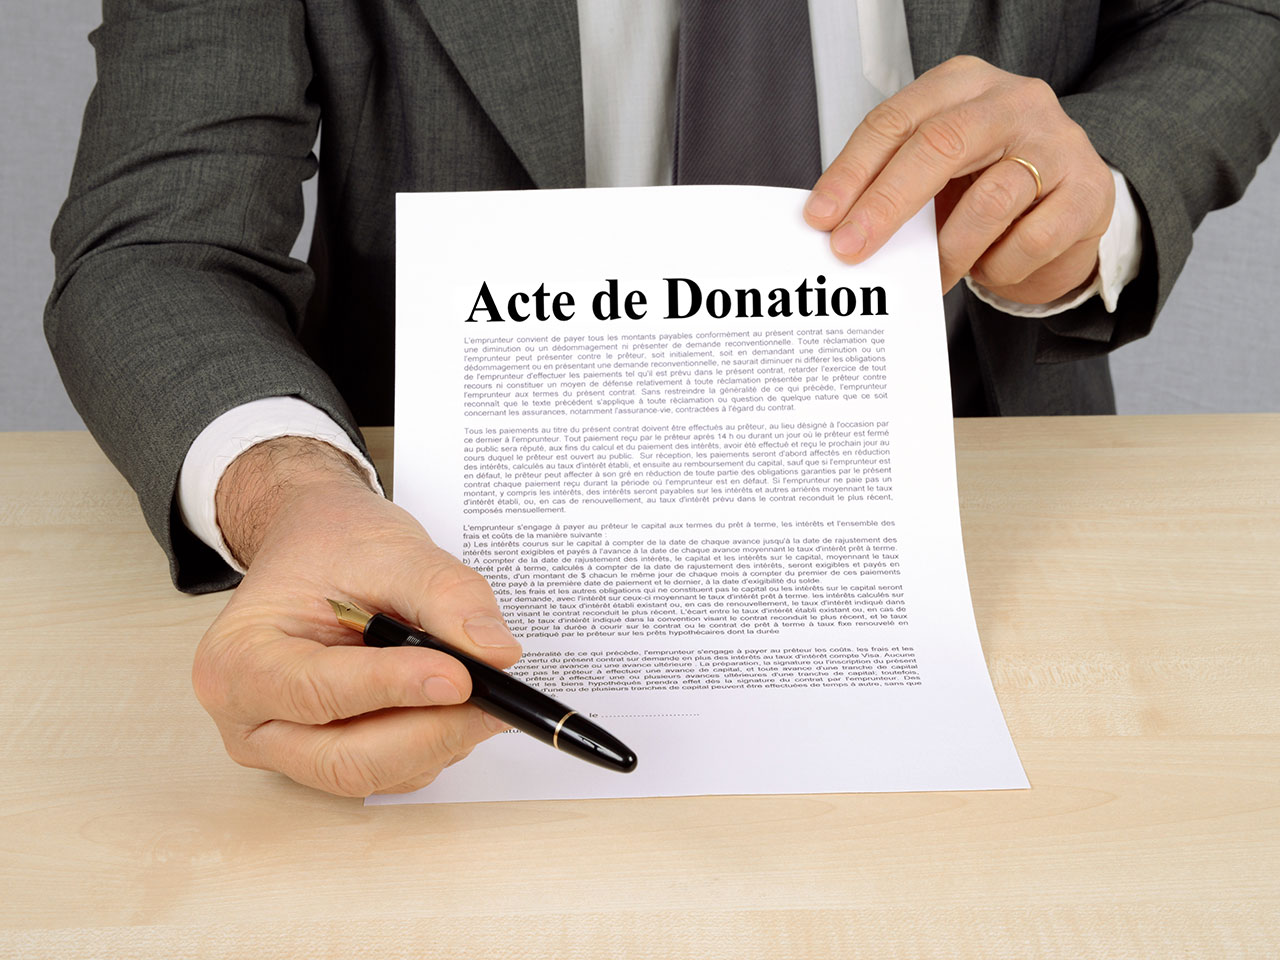 Donation immobilière : le bien doit être libre de tout engagement